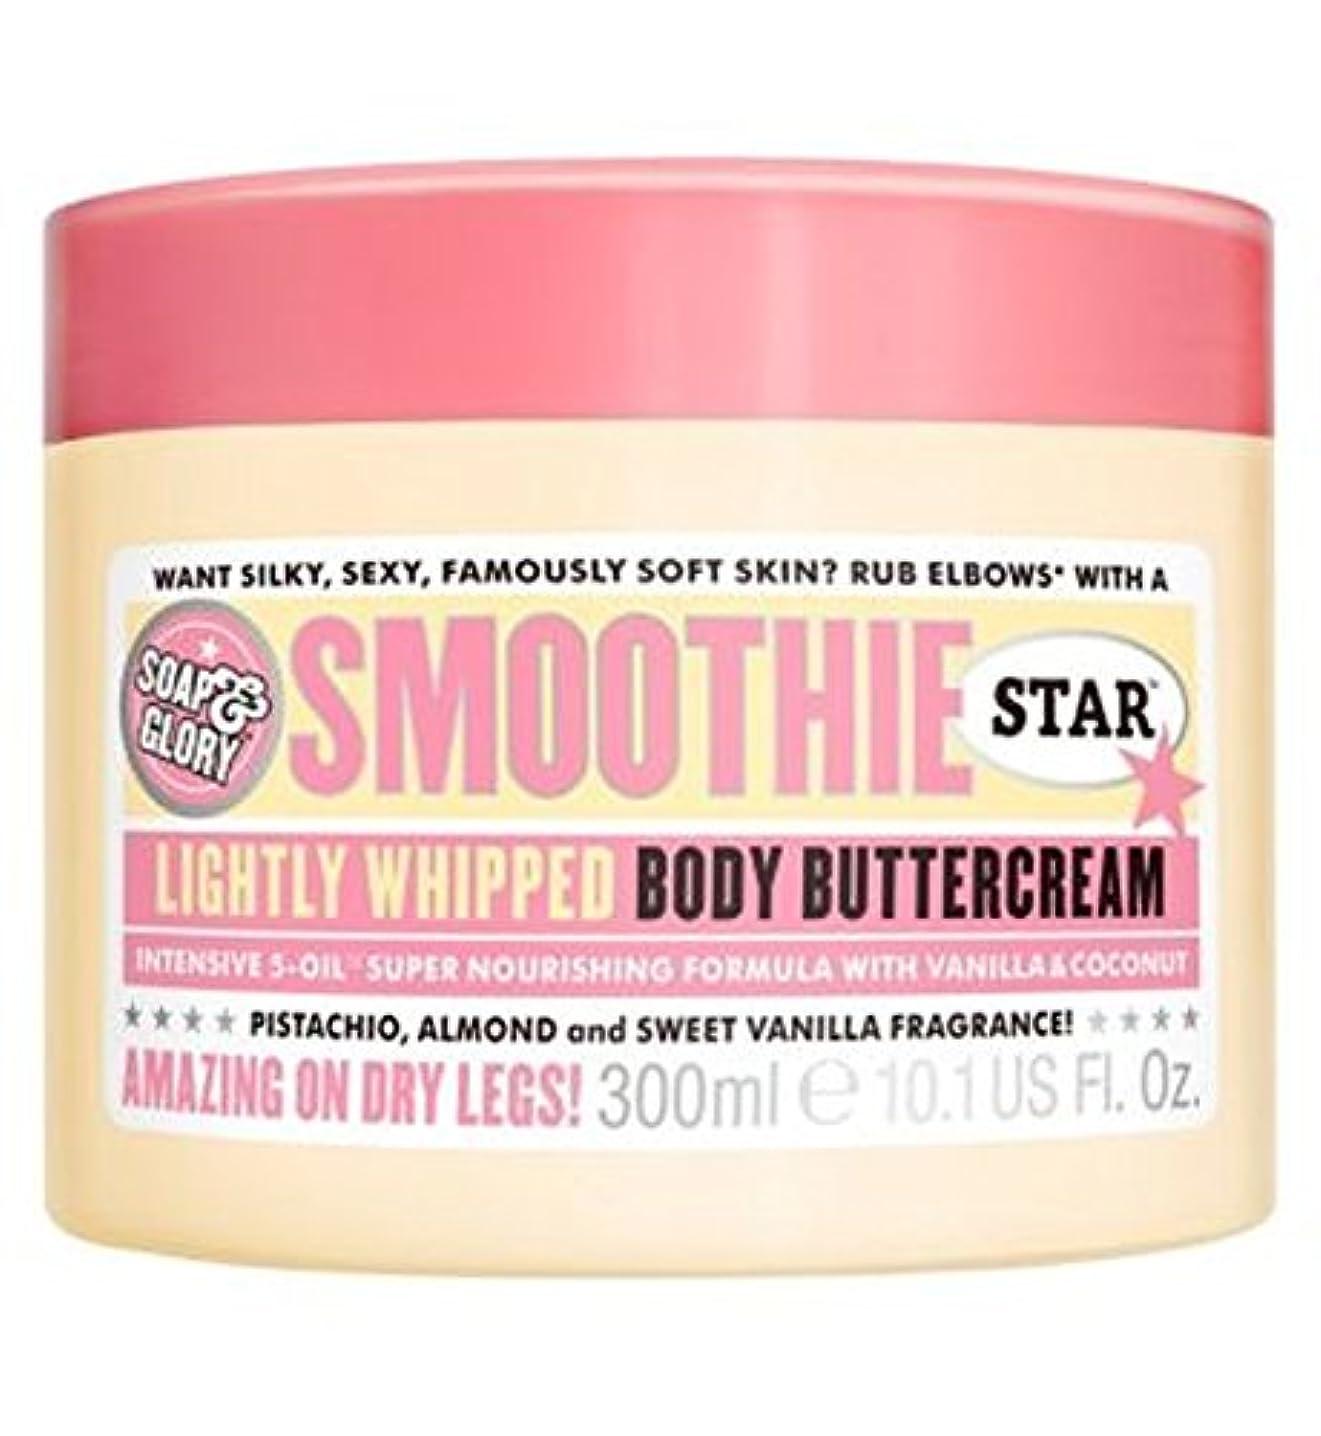 治療マークされた彫刻家Soap & Glory Smoothie Star Body Buttercream 300ml - 石鹸&栄光スムージースターのボディバタークリームの300ミリリットル (Soap & Glory) [並行輸入品]